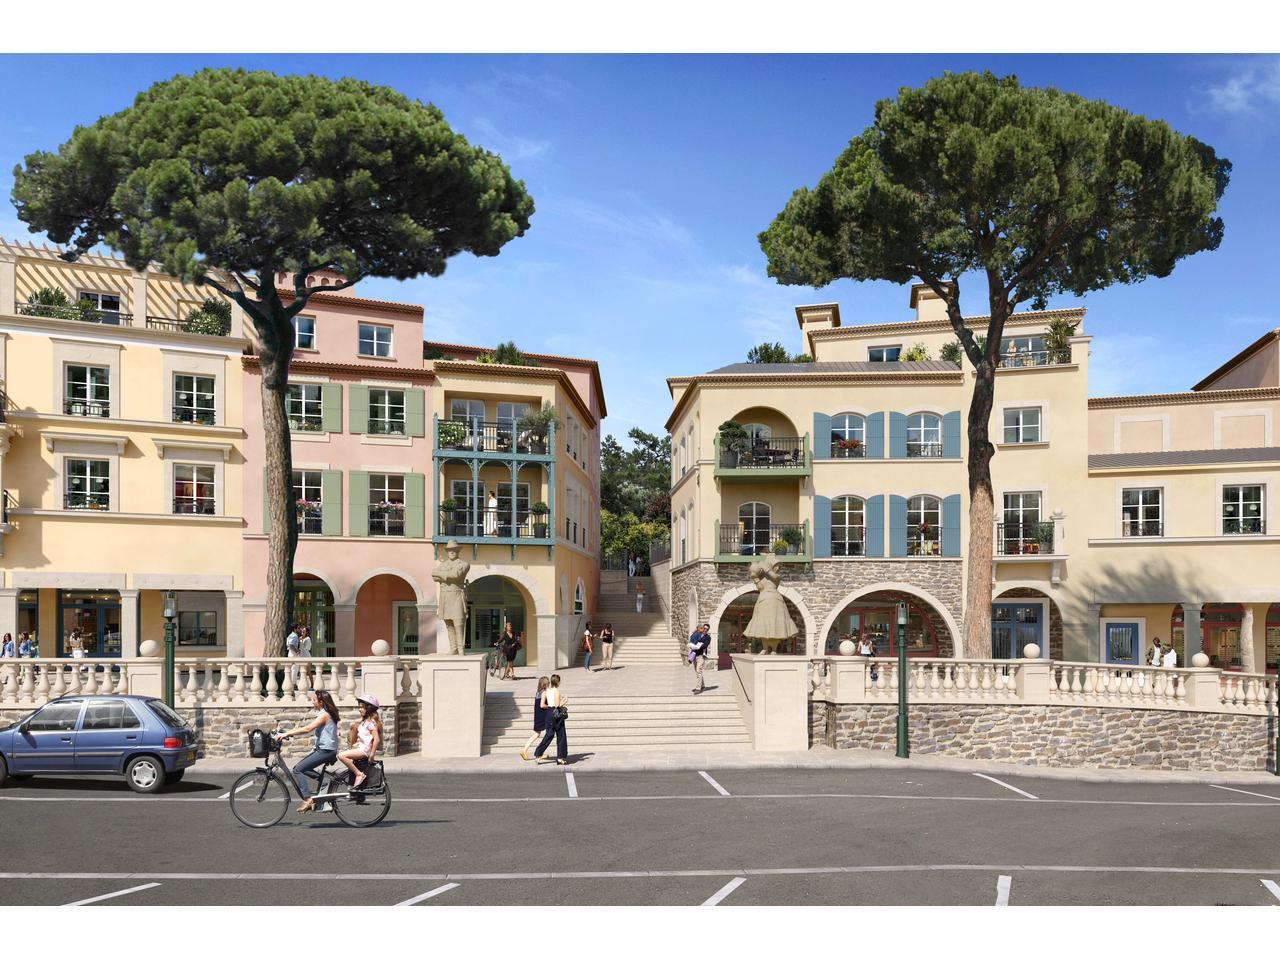 Le Rouret – Spacieux 5 pièces dans une résidence au charme provençal